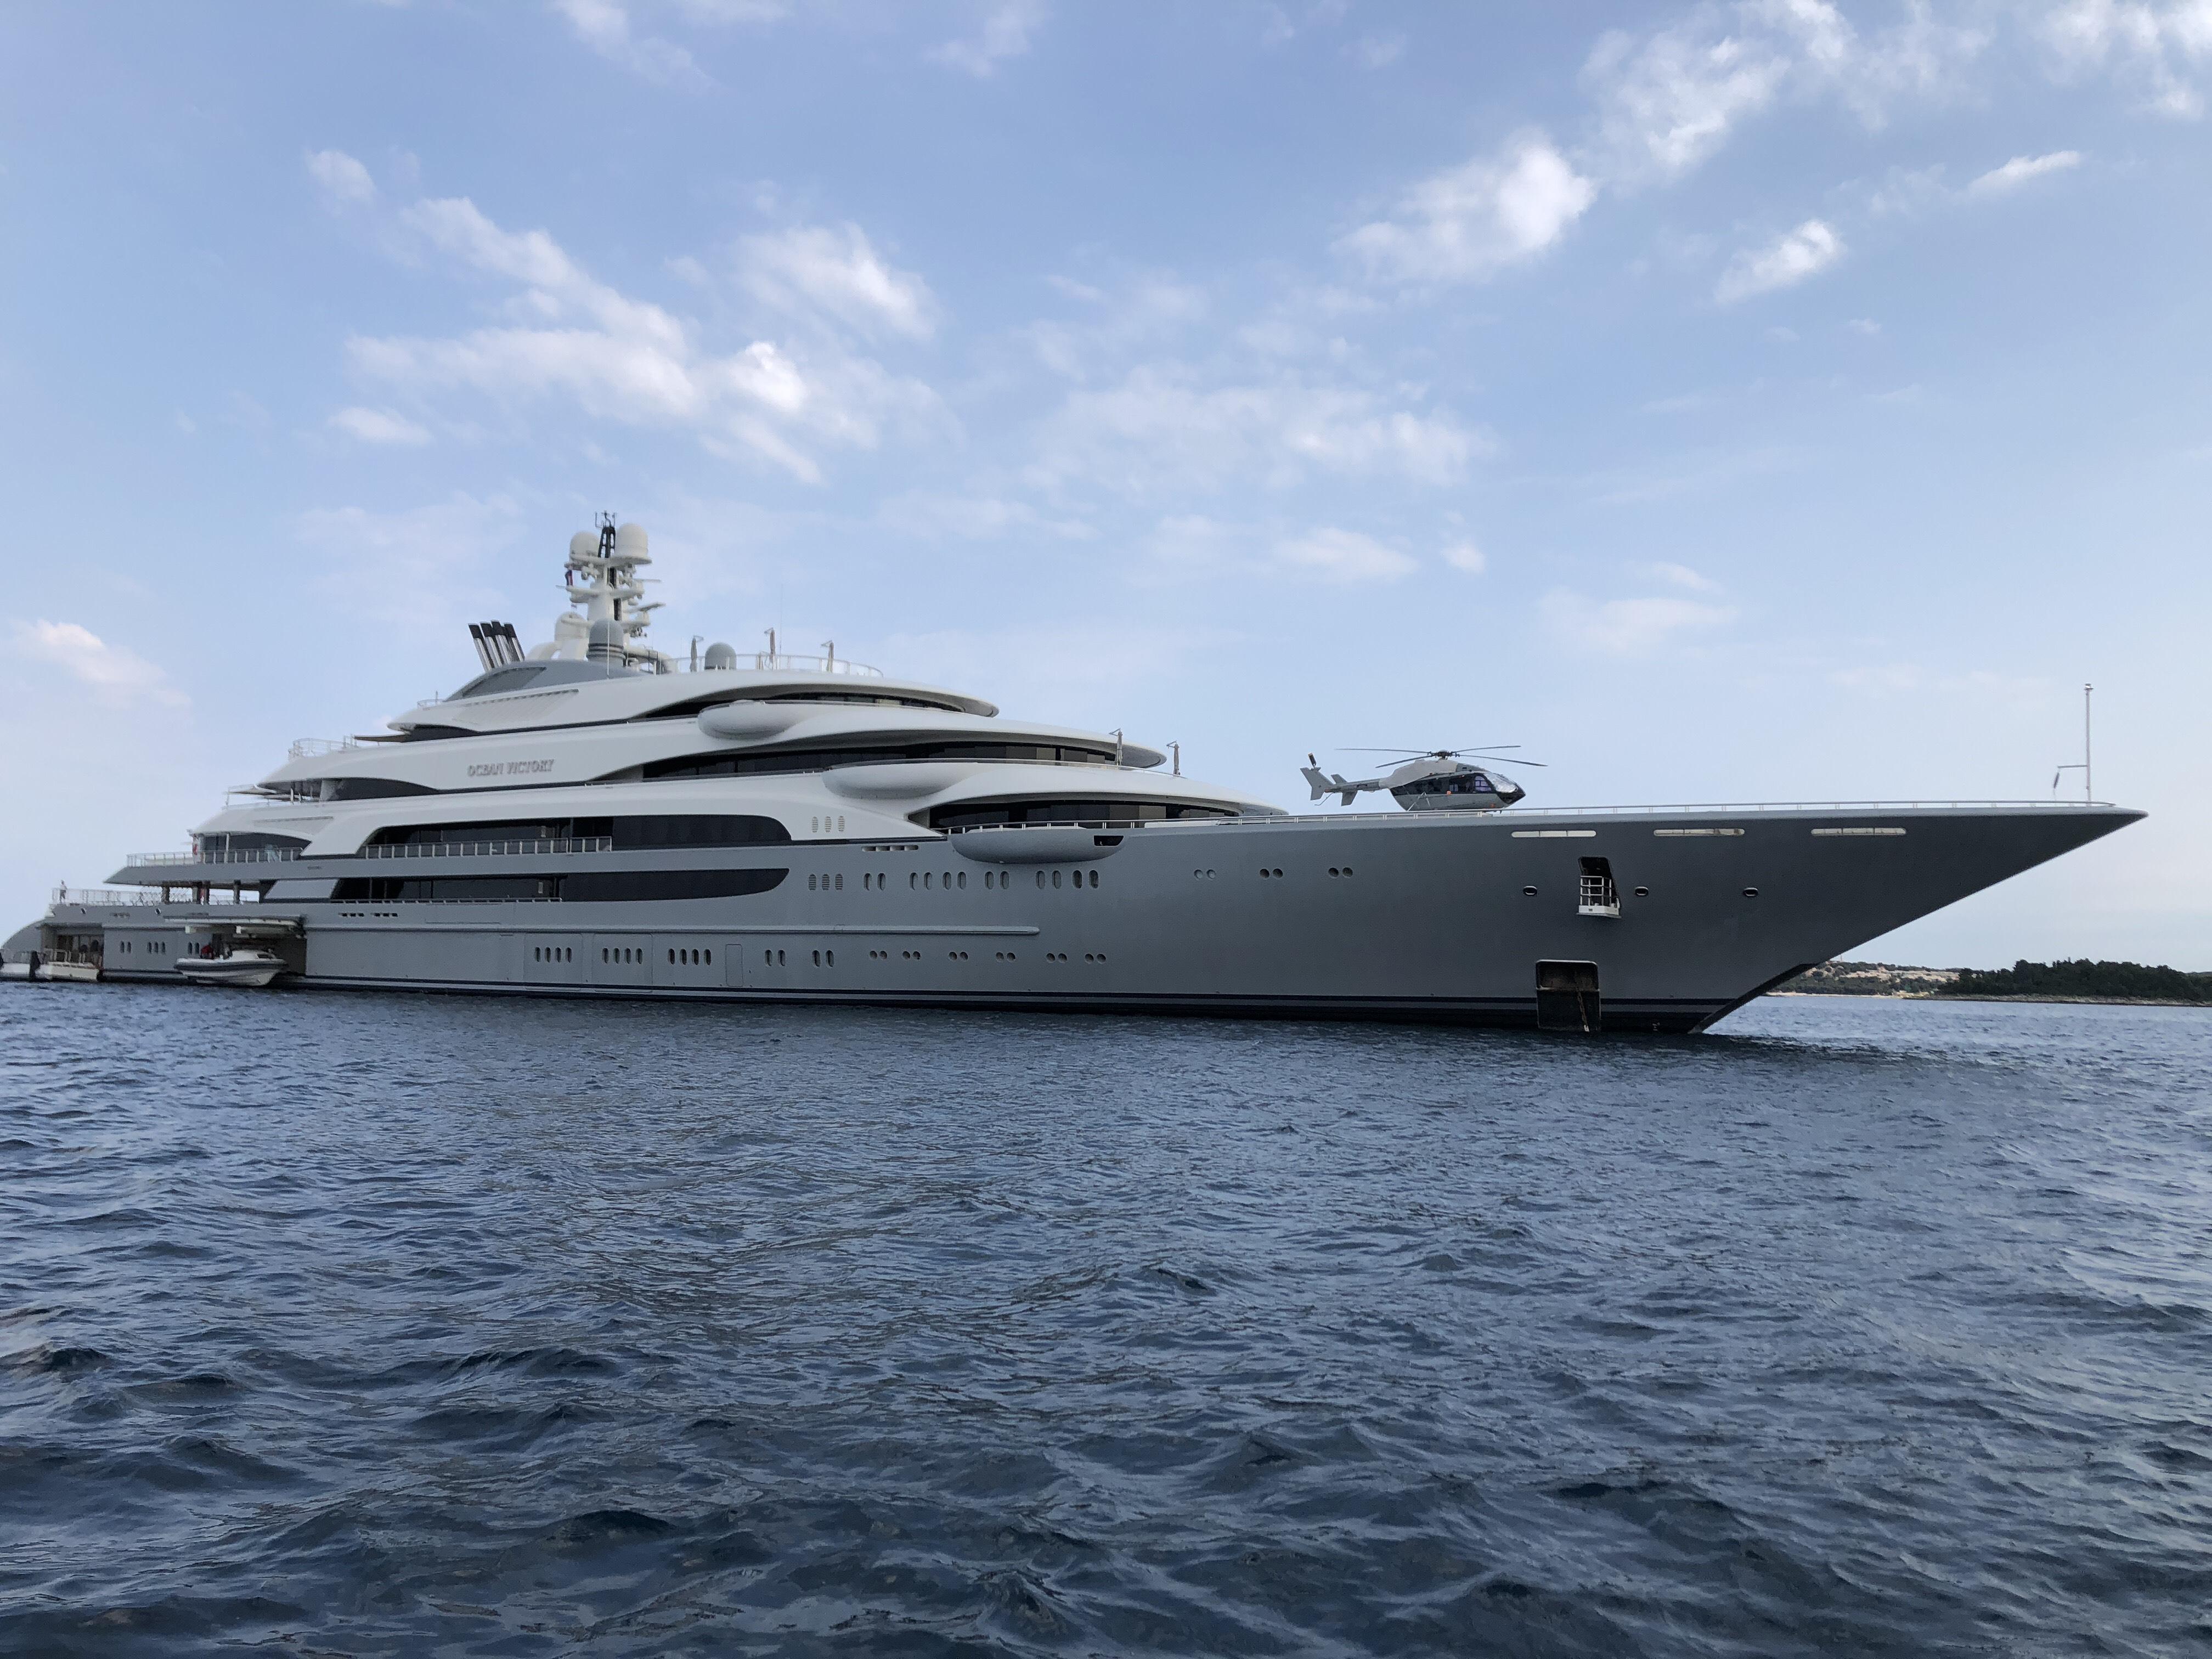 Яхты некоторых отечественных бизнесменов и политиков. Часть 1 Финансы,Флот